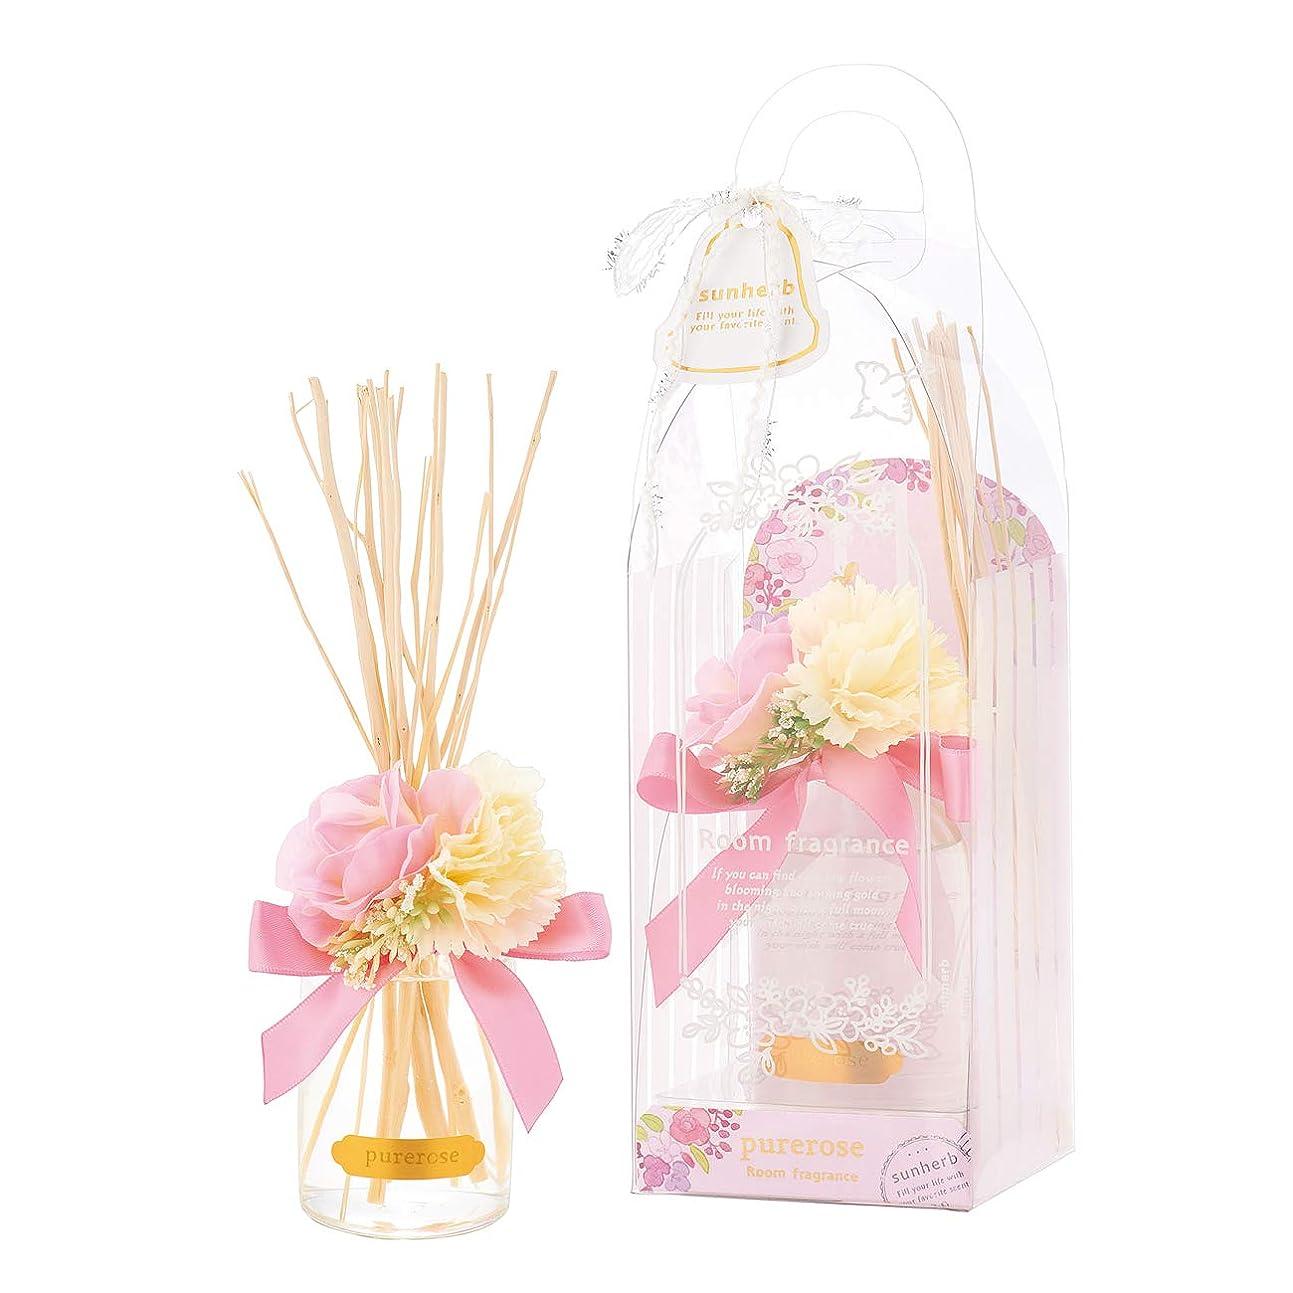 軽減する伝統恒久的サンハーブ ルームフレグランスフラワー ピュアローズ 100ml(芳香剤 花かざり付 うっとり幸せなばらの香り)